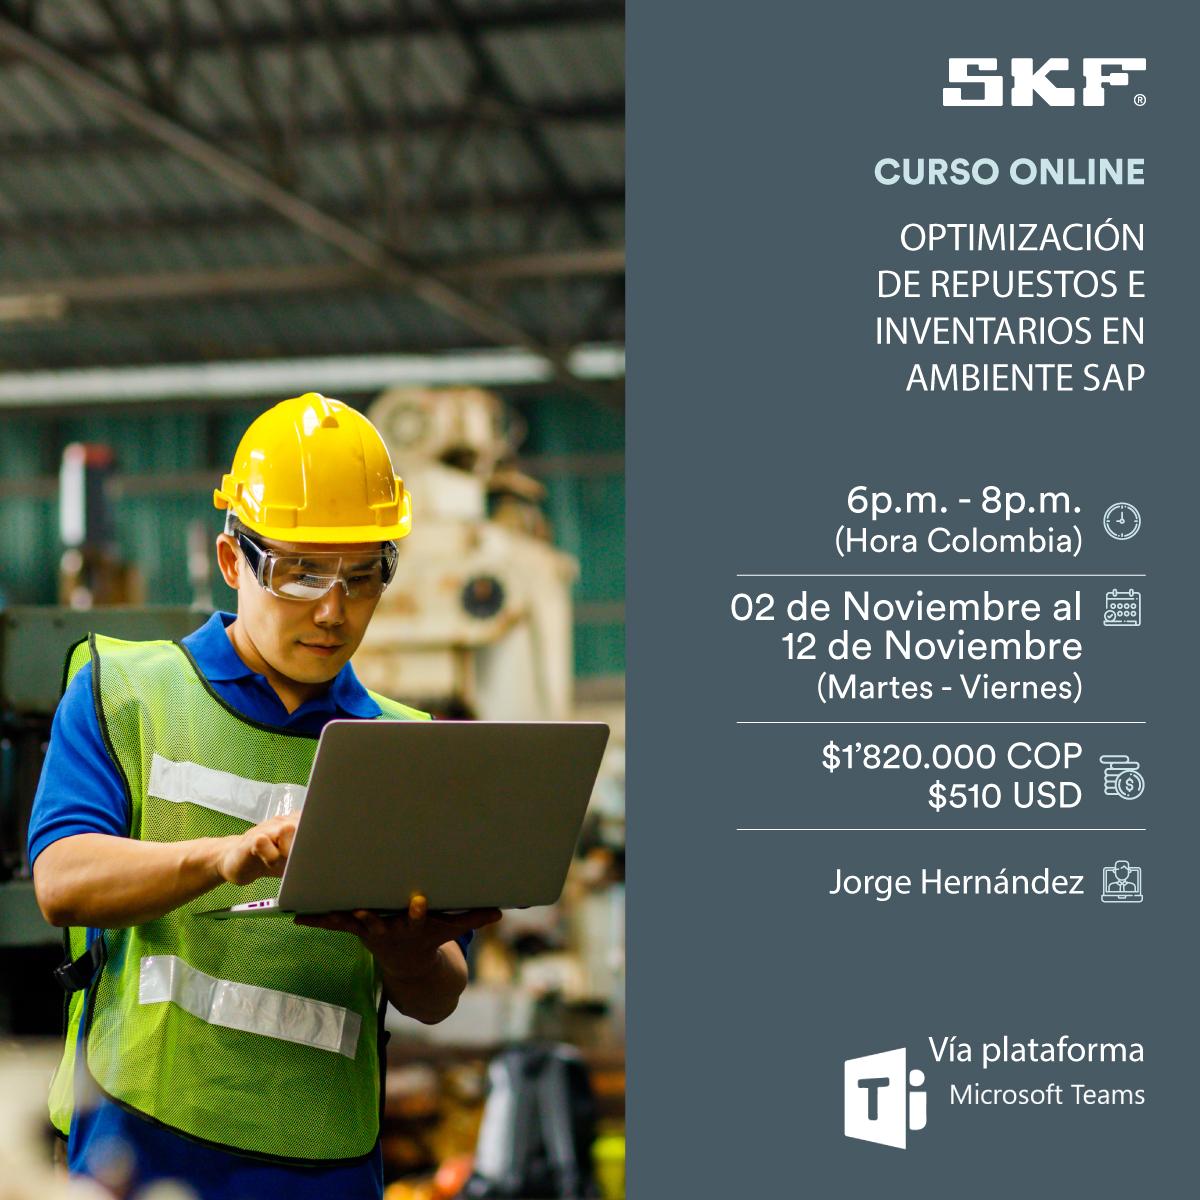 Optimización de repuestos e inventarios en ambiente SAP